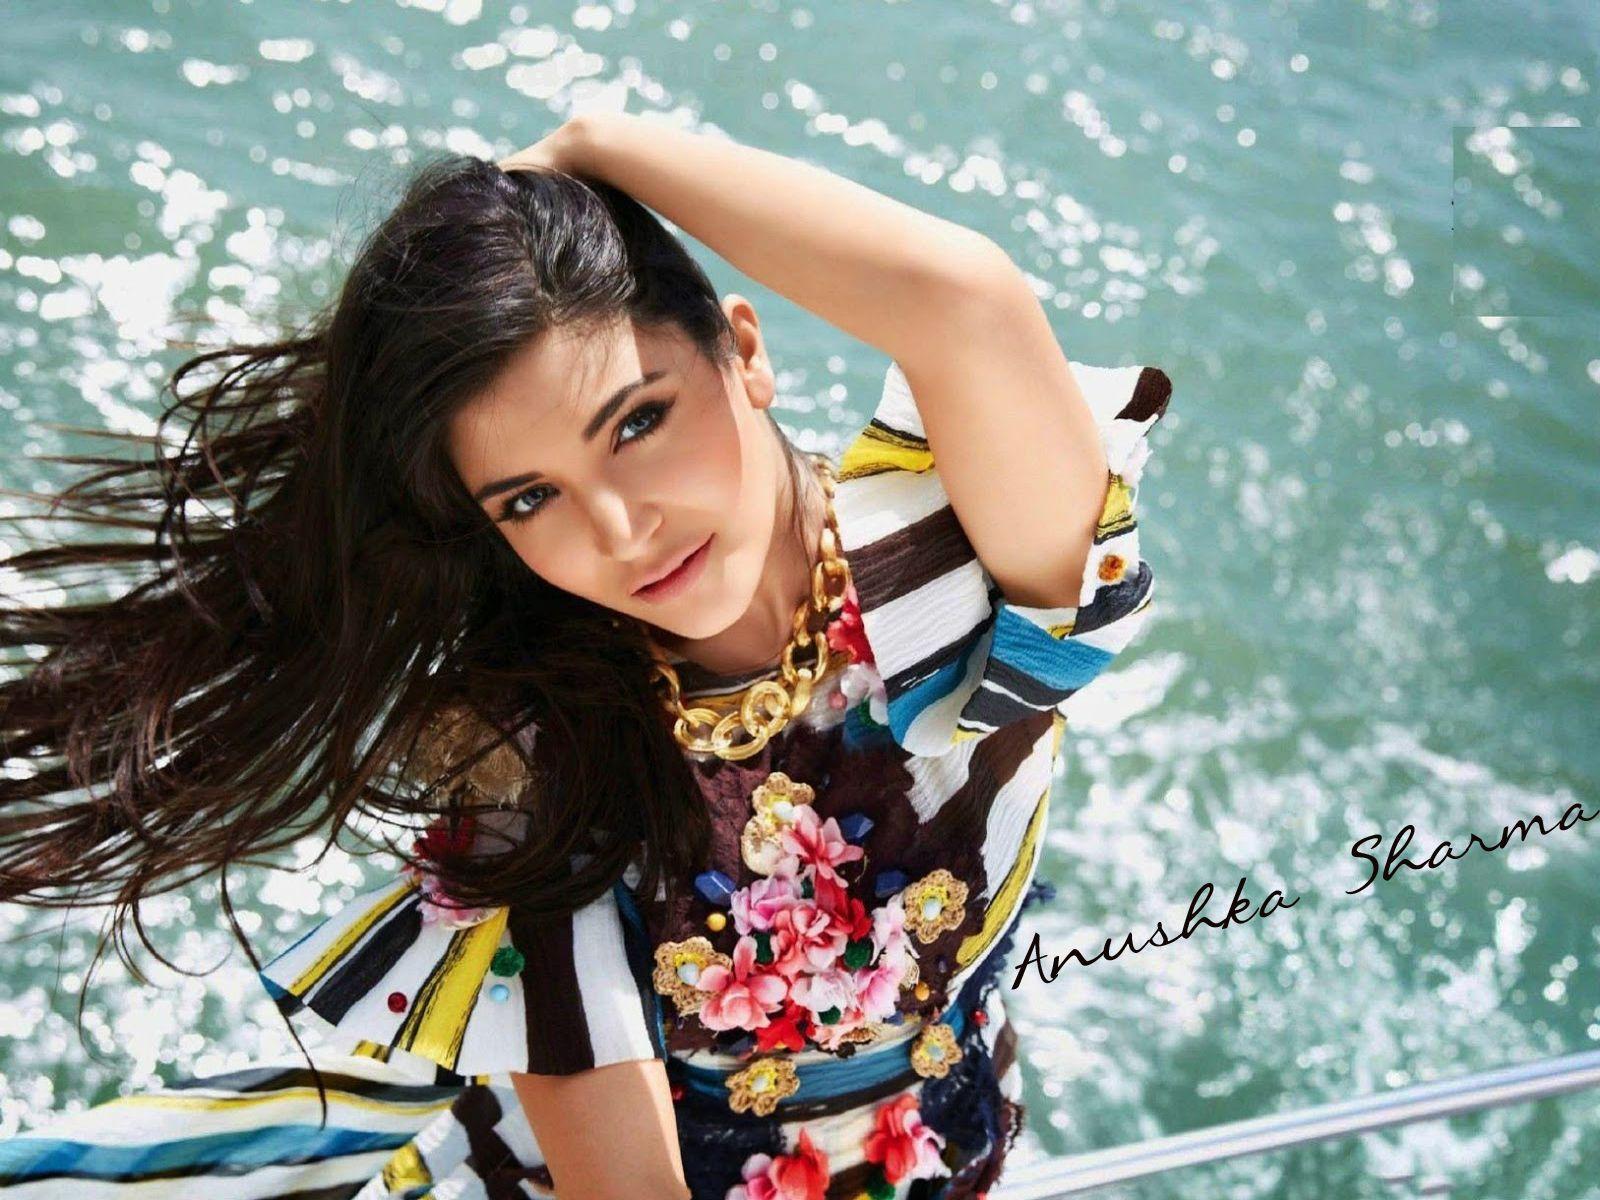 Anushka Sharma Hot Hd Wallpapers Anushka Sharma , Hot -8678